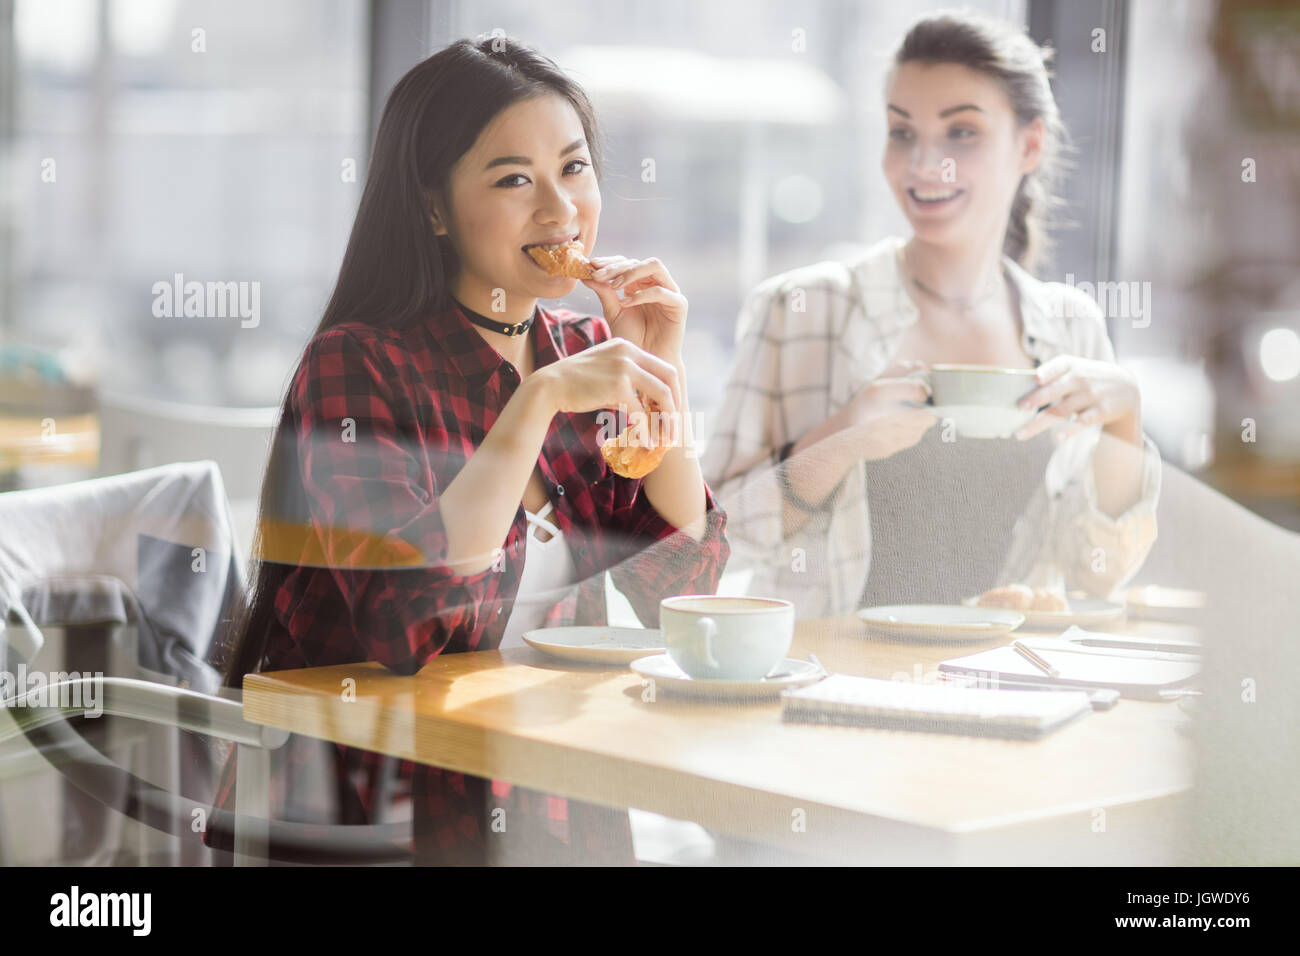 Le ragazze di mangiare croissant e caffè presso il cafe, coffee break Immagini Stock